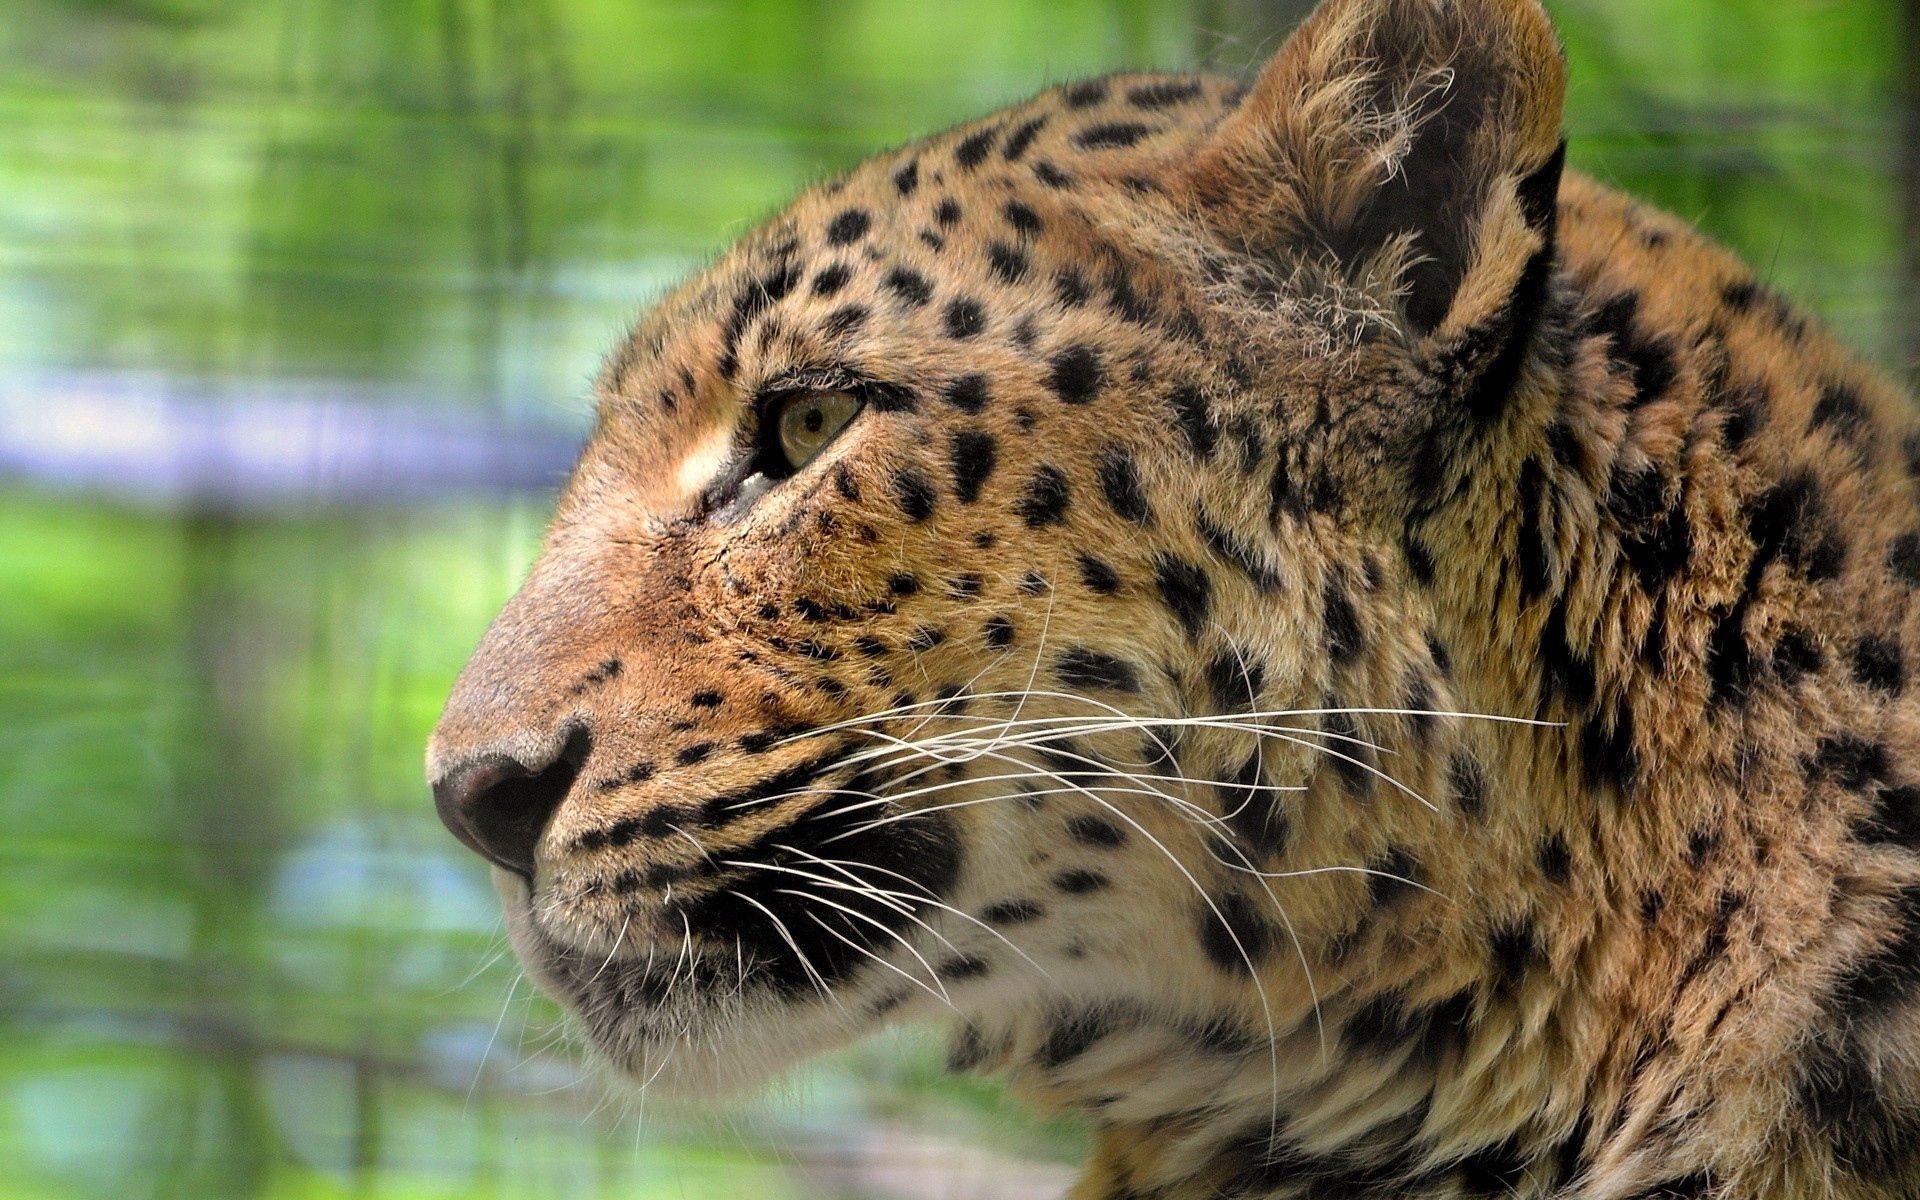 59392 скачать обои Животные, Леопард, Морда, Окрас, Профиль, Хищник - заставки и картинки бесплатно